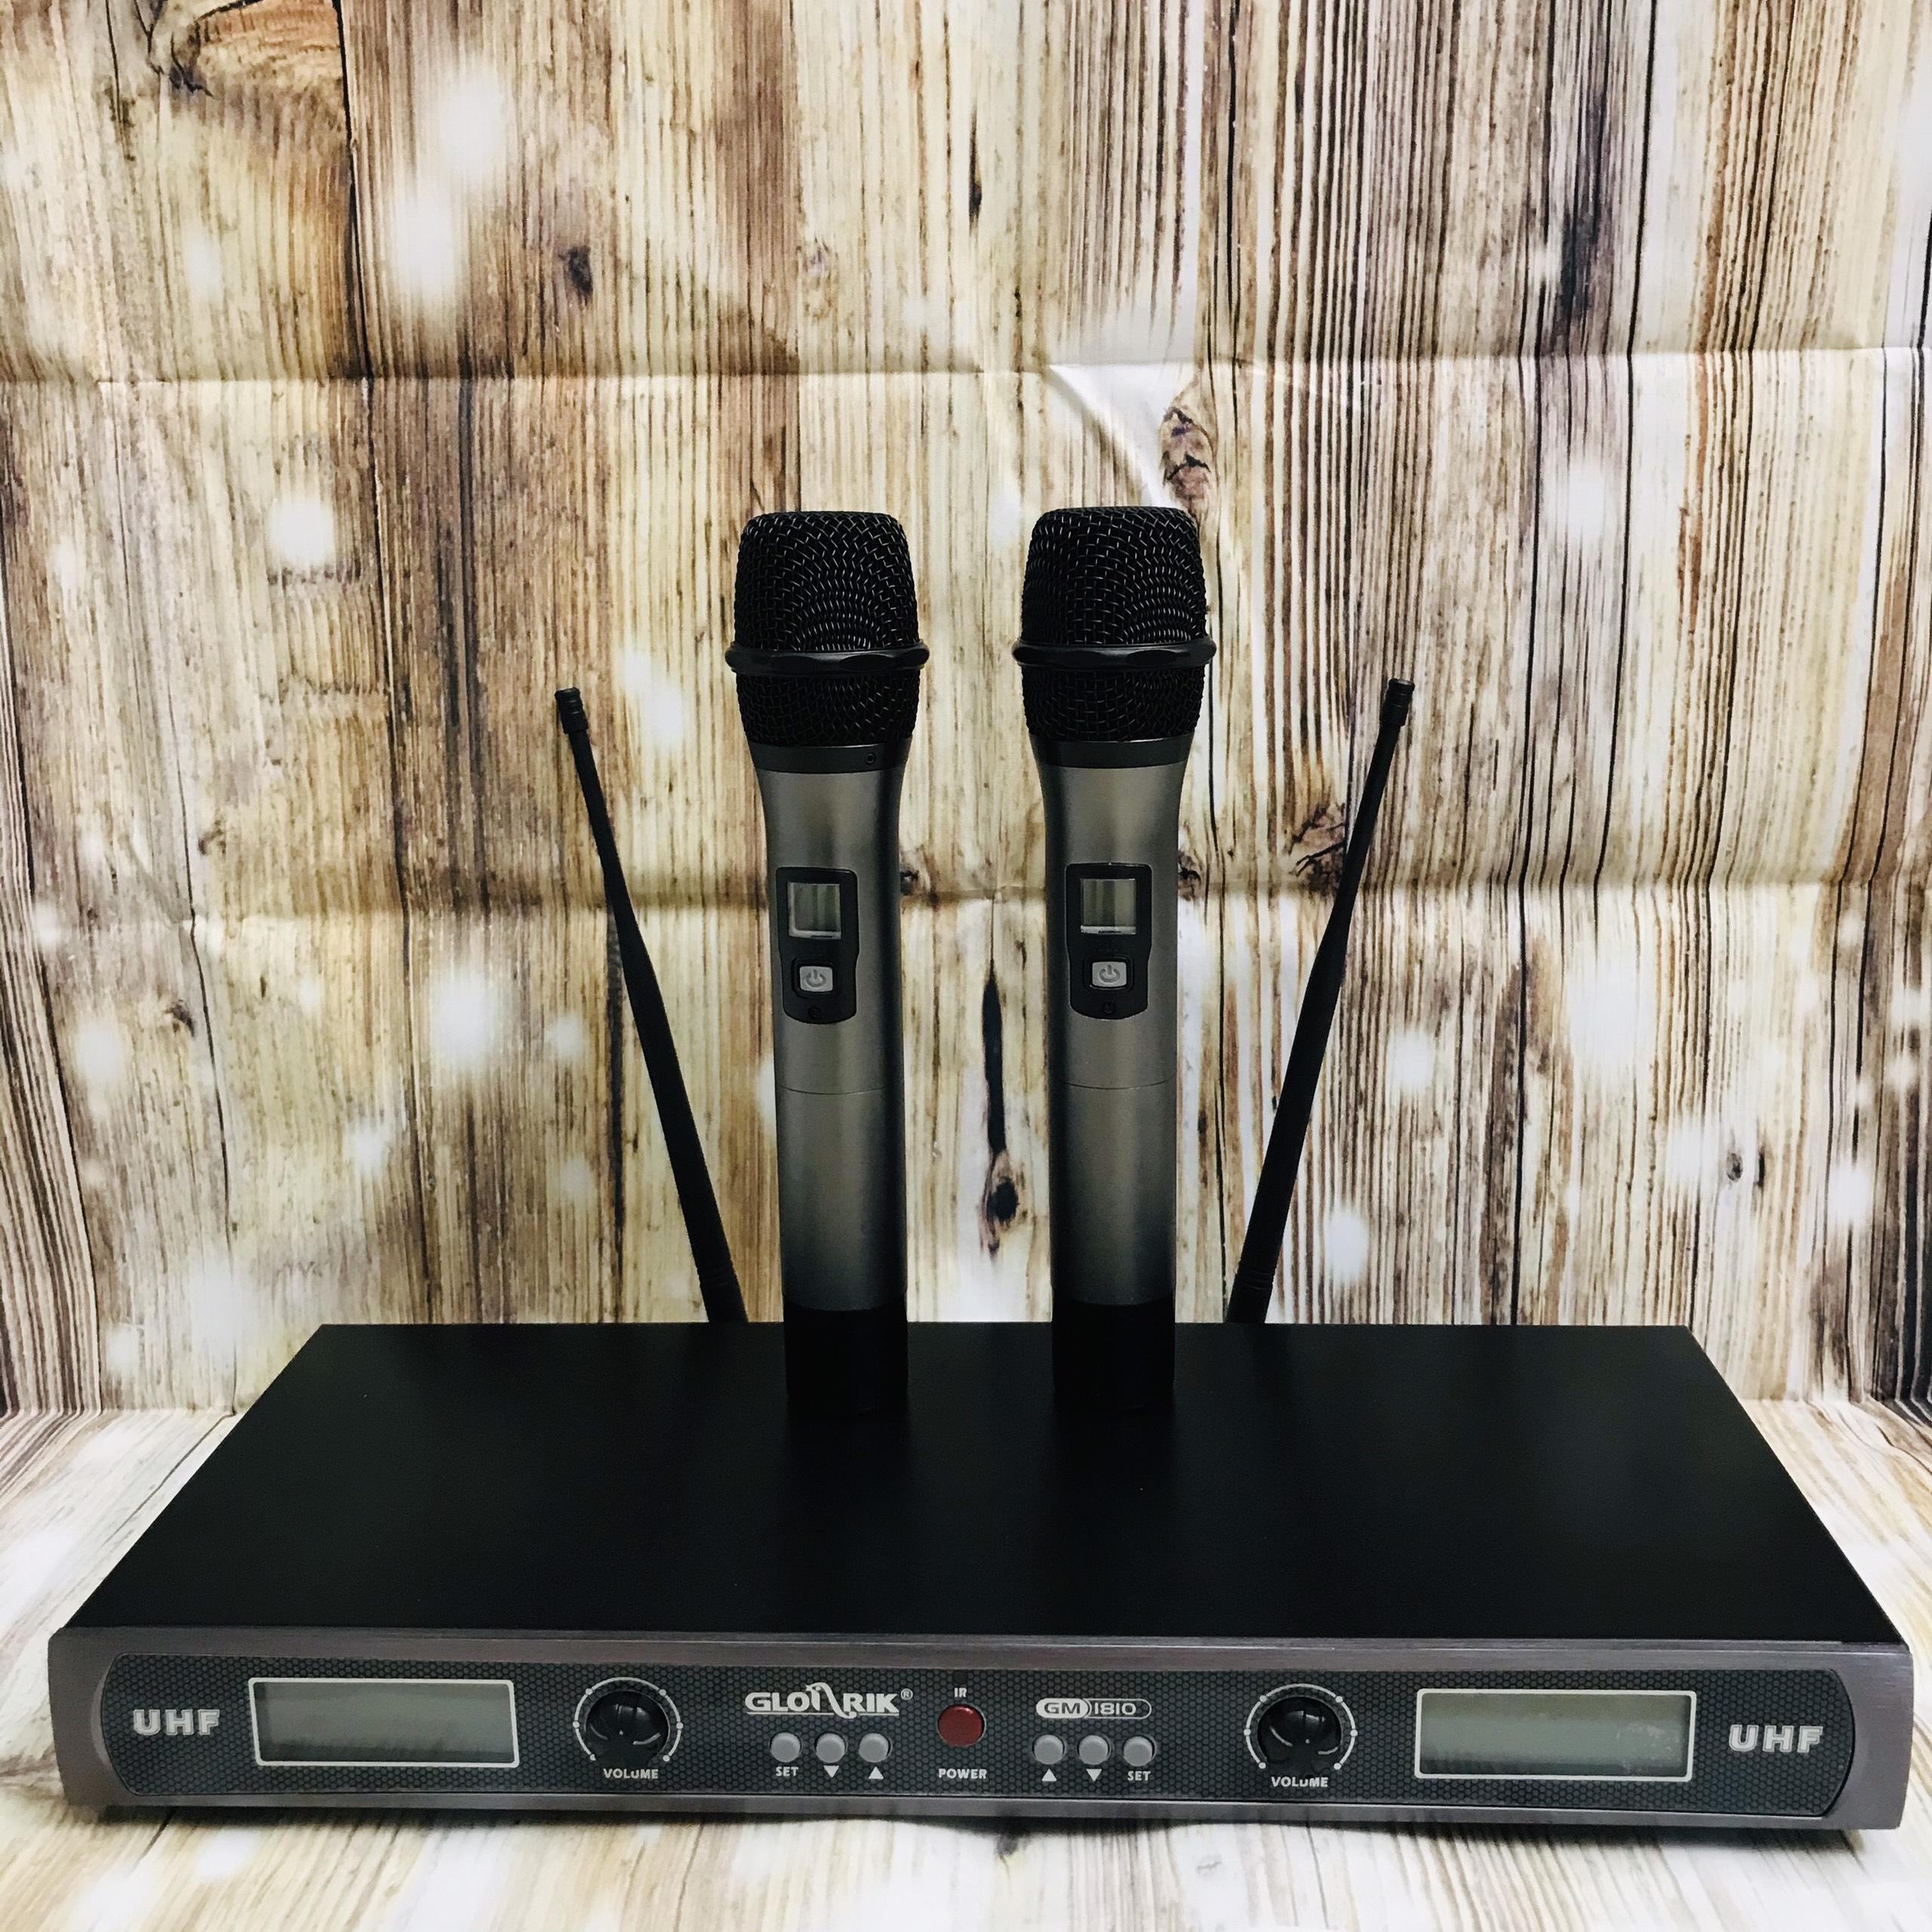 Bộ Mic không dây UHF cao cấp Glosrik GM-1810 - UHF Wireless Microphone Glosrik GM-1810 ( Gồm 2 Mic cầm tay, Đầu thu, Nguồn AC, 2 cặp Pin AA 1.5V ) – Hàng chính hãng